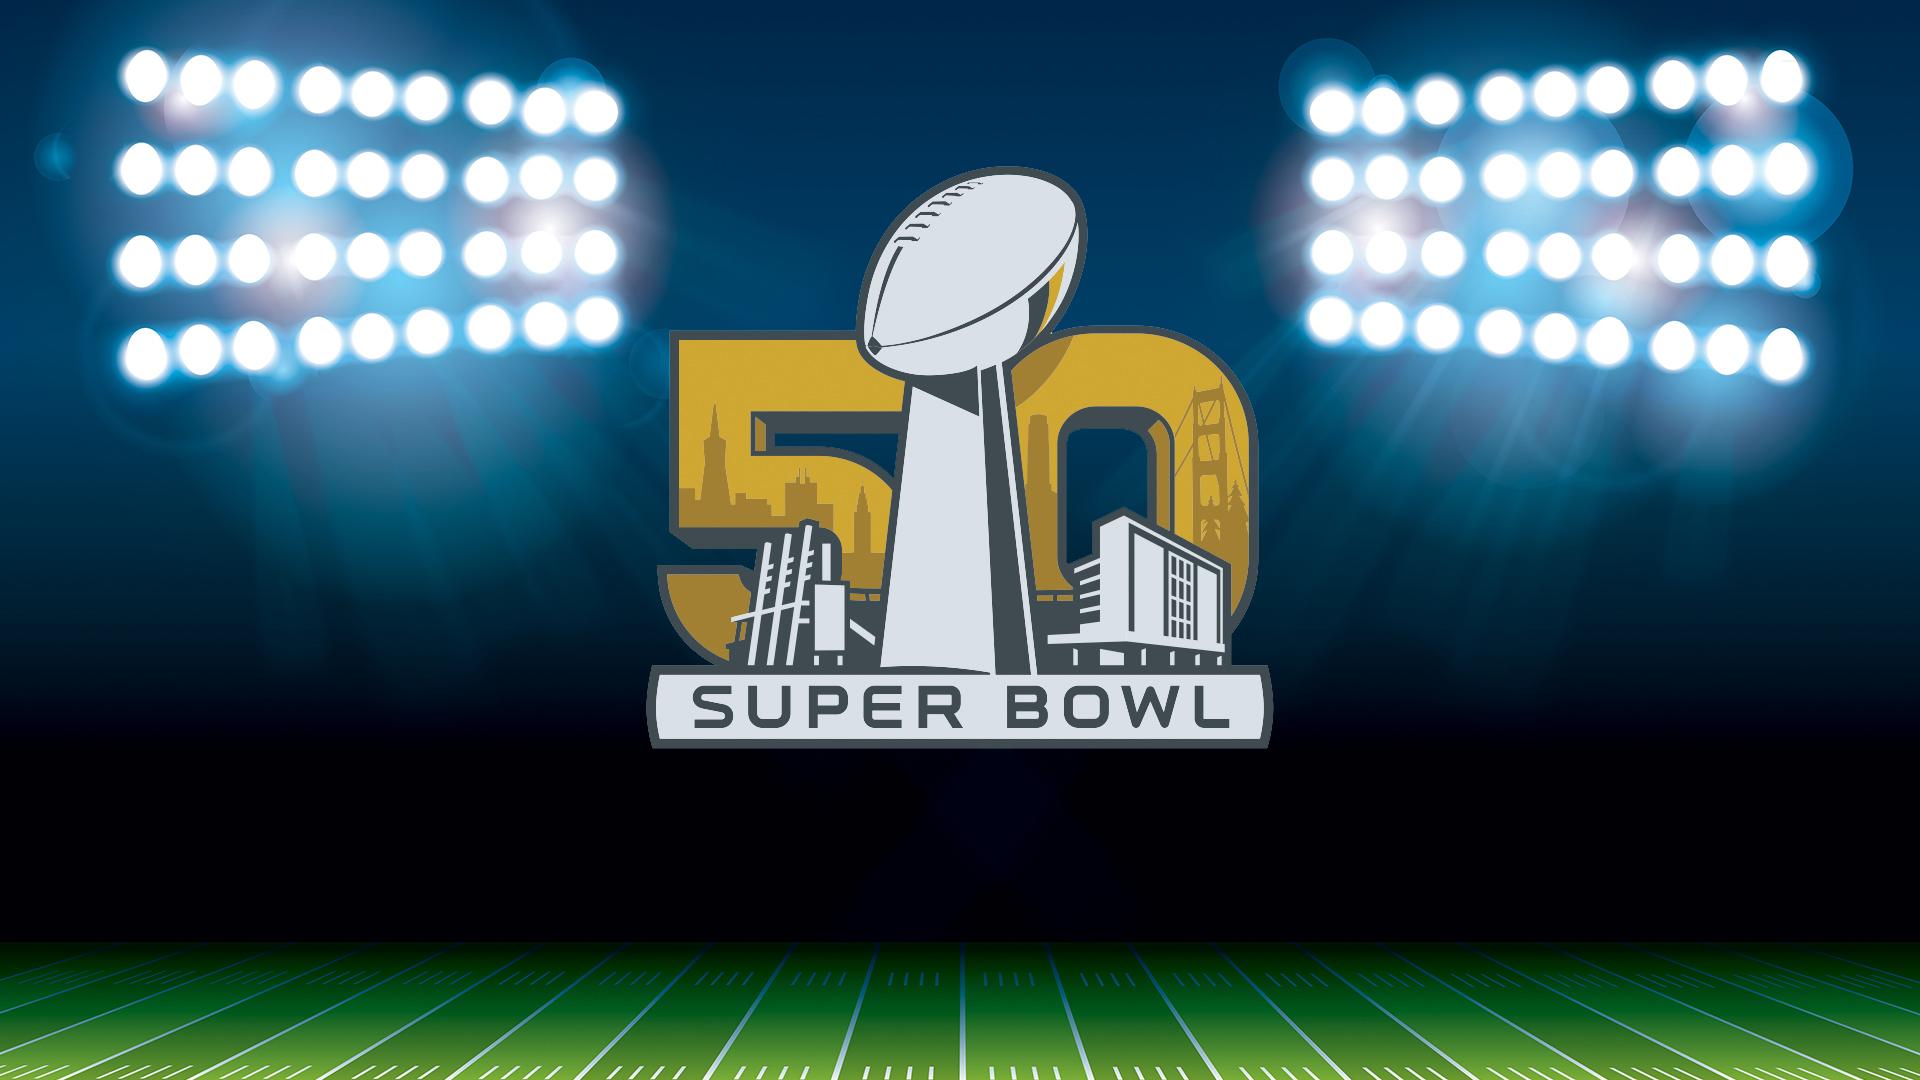 Super Bowl 50 - סופרבול 50